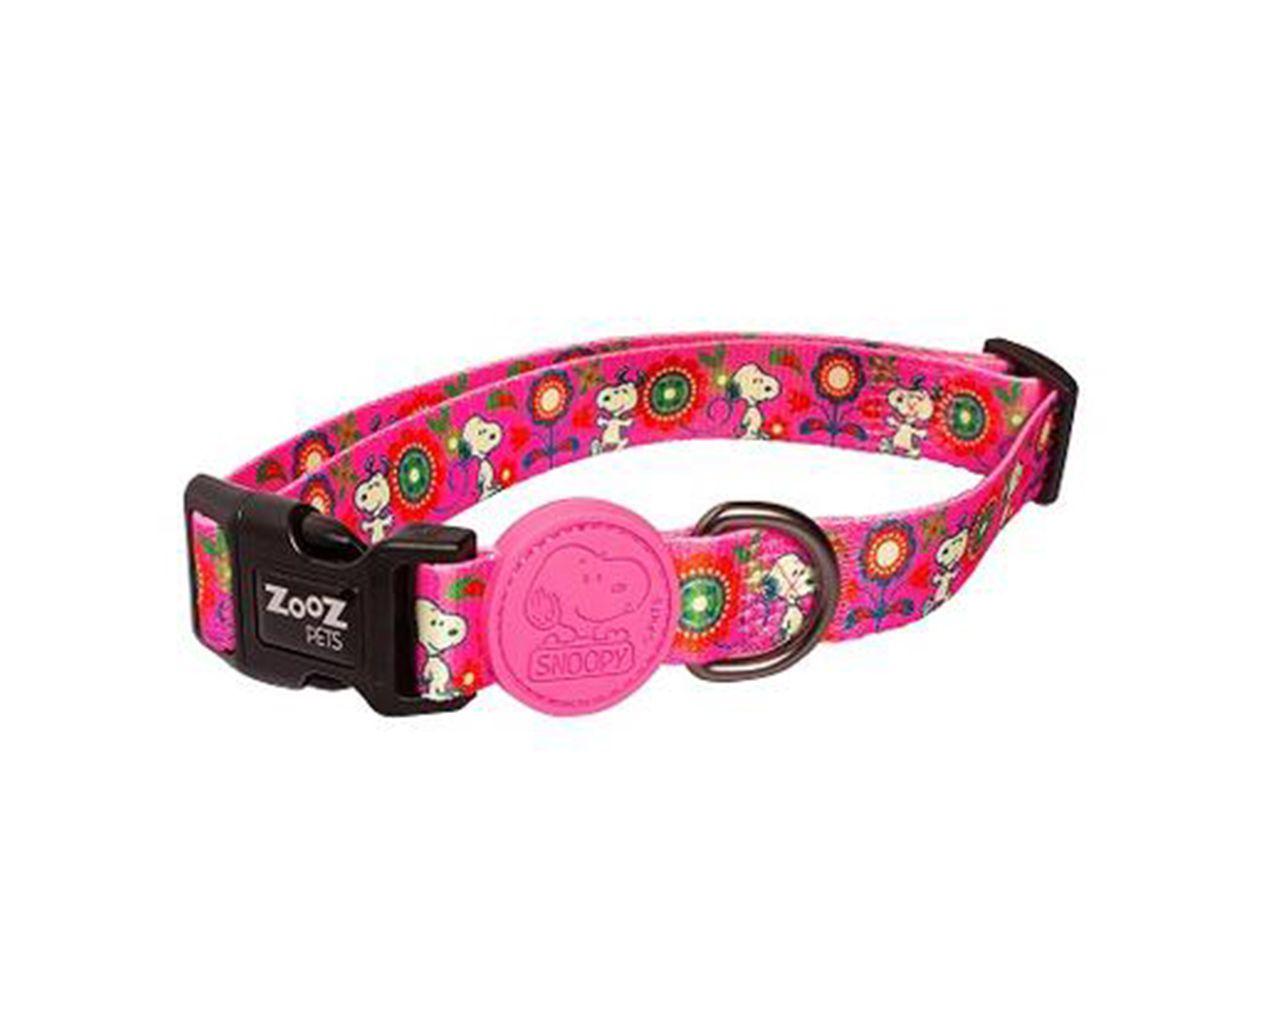 Coleira para cachorro Zooz Pets Snoopy Pink Flower tamanho M (Ajustável 30 - 50cm)